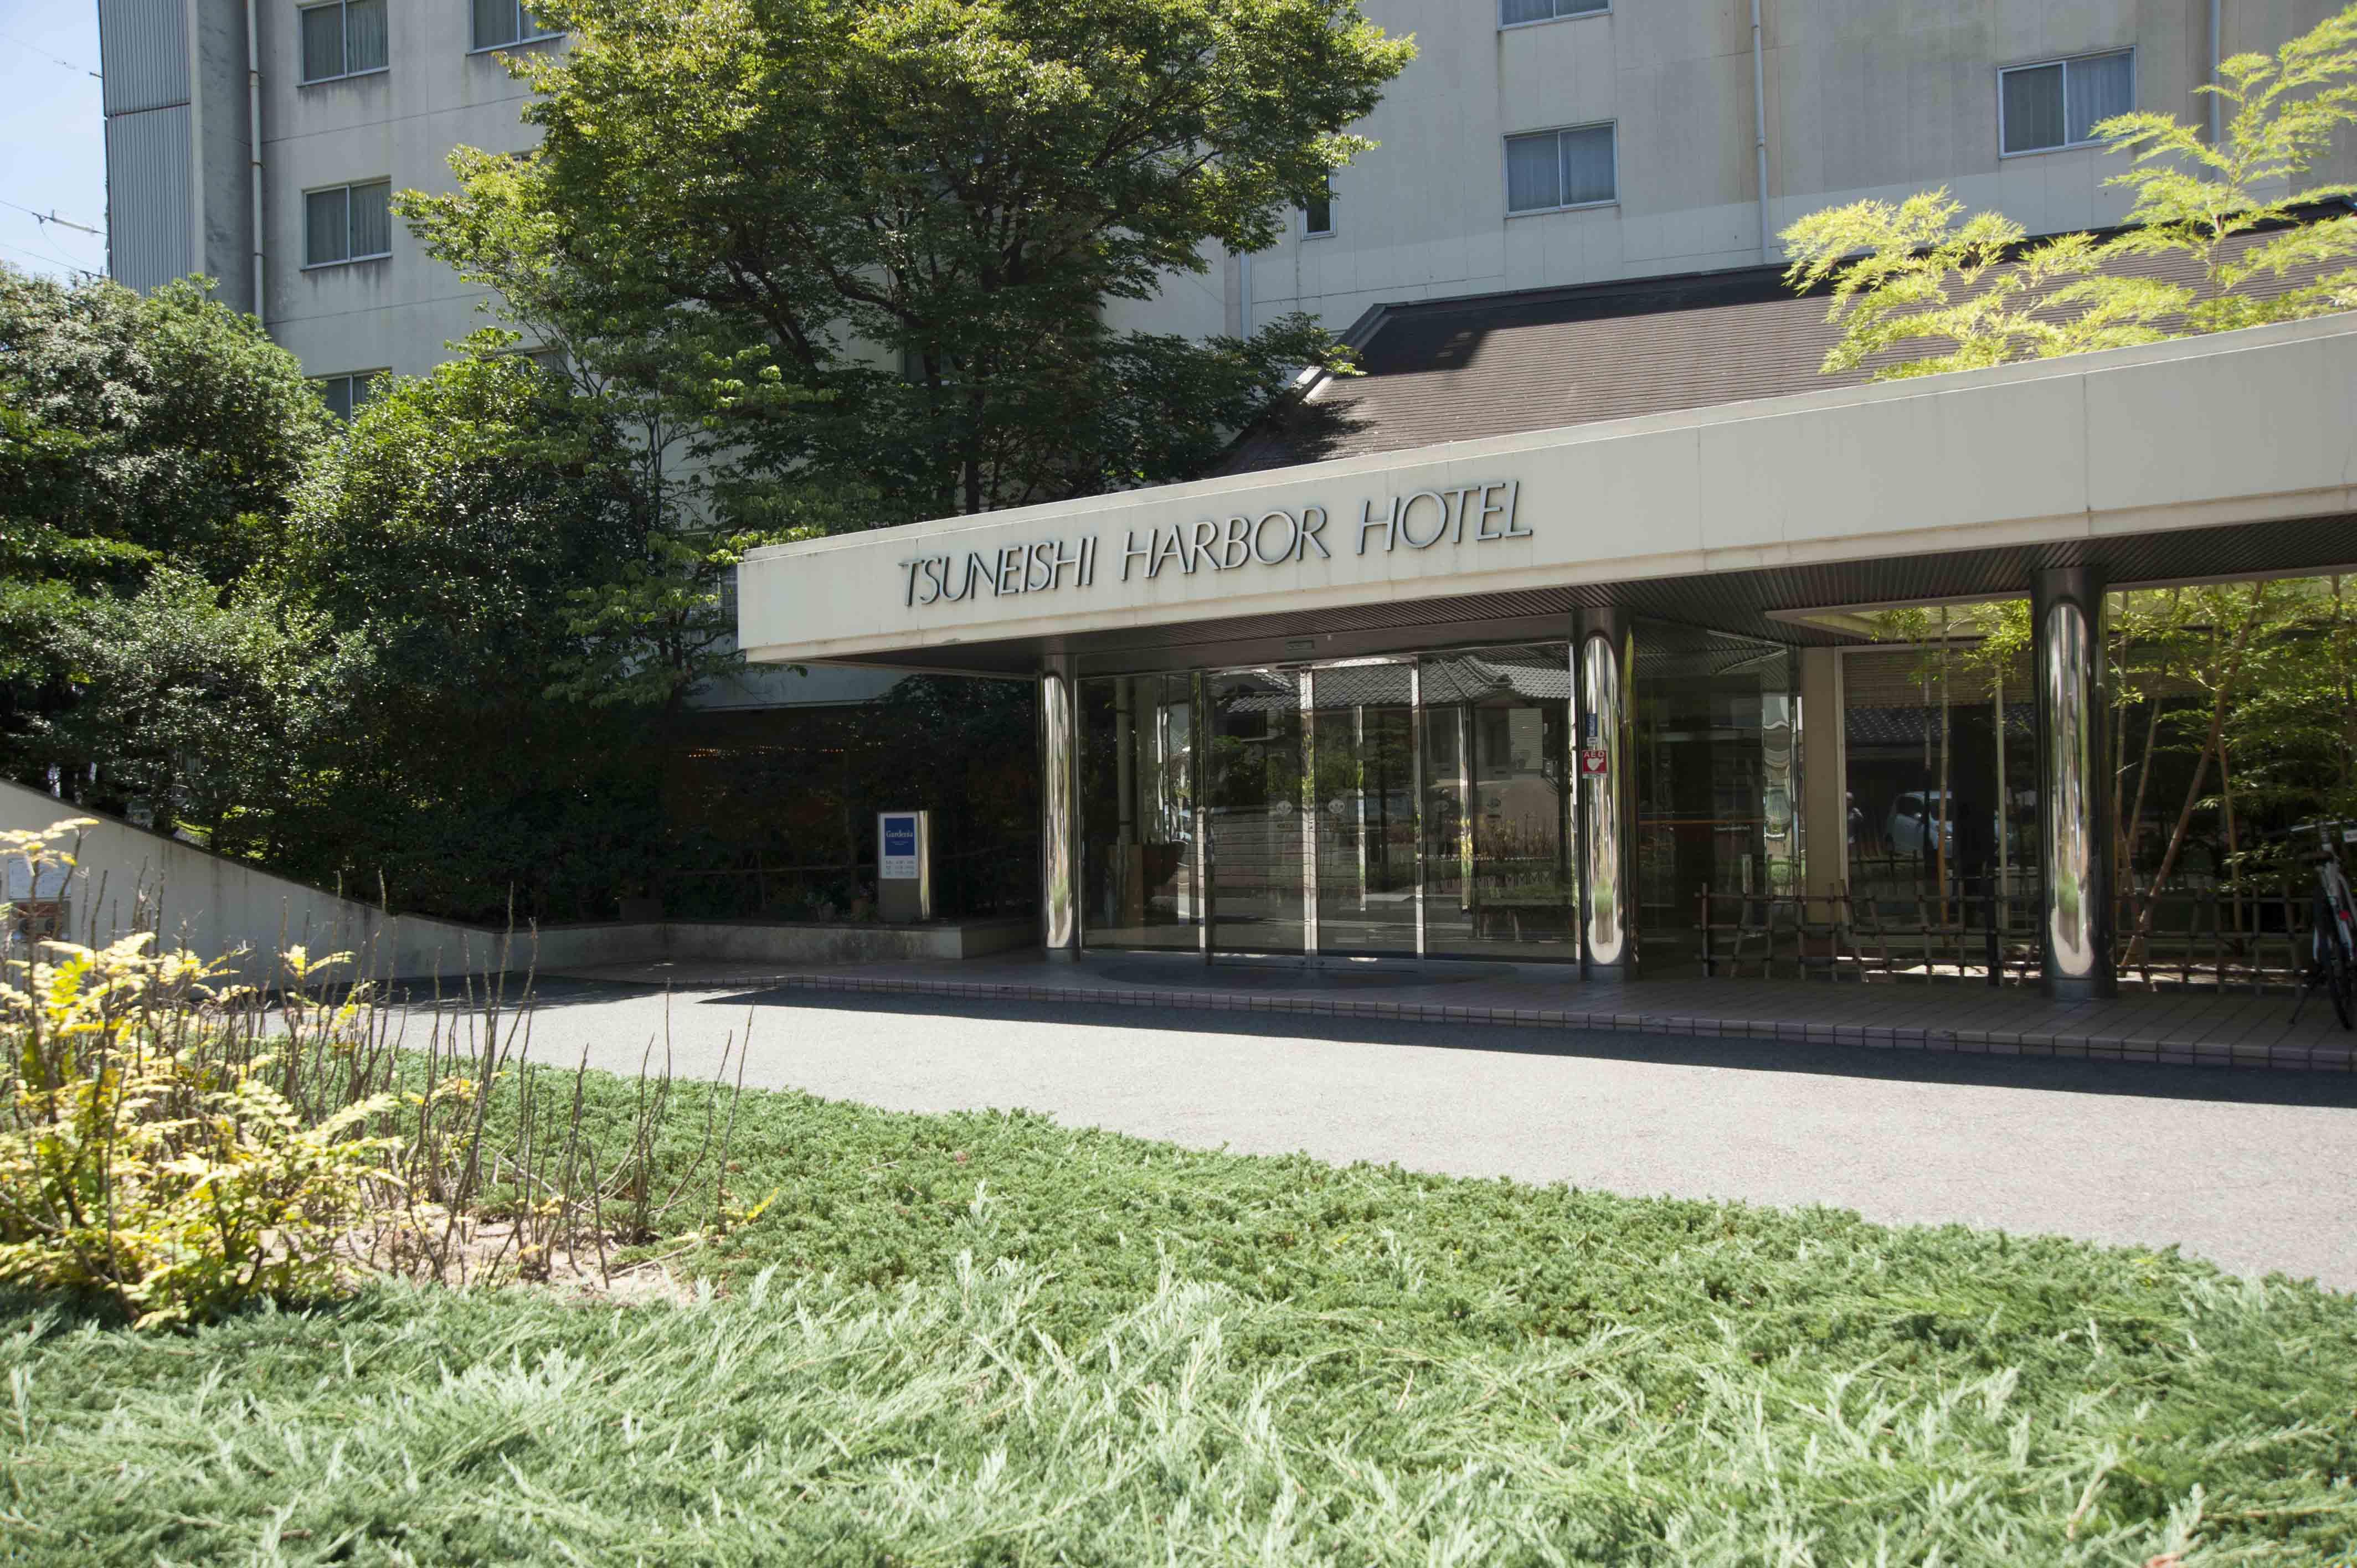 鞆の浦・尾道観光の便利な「常石ハーバーホテル」